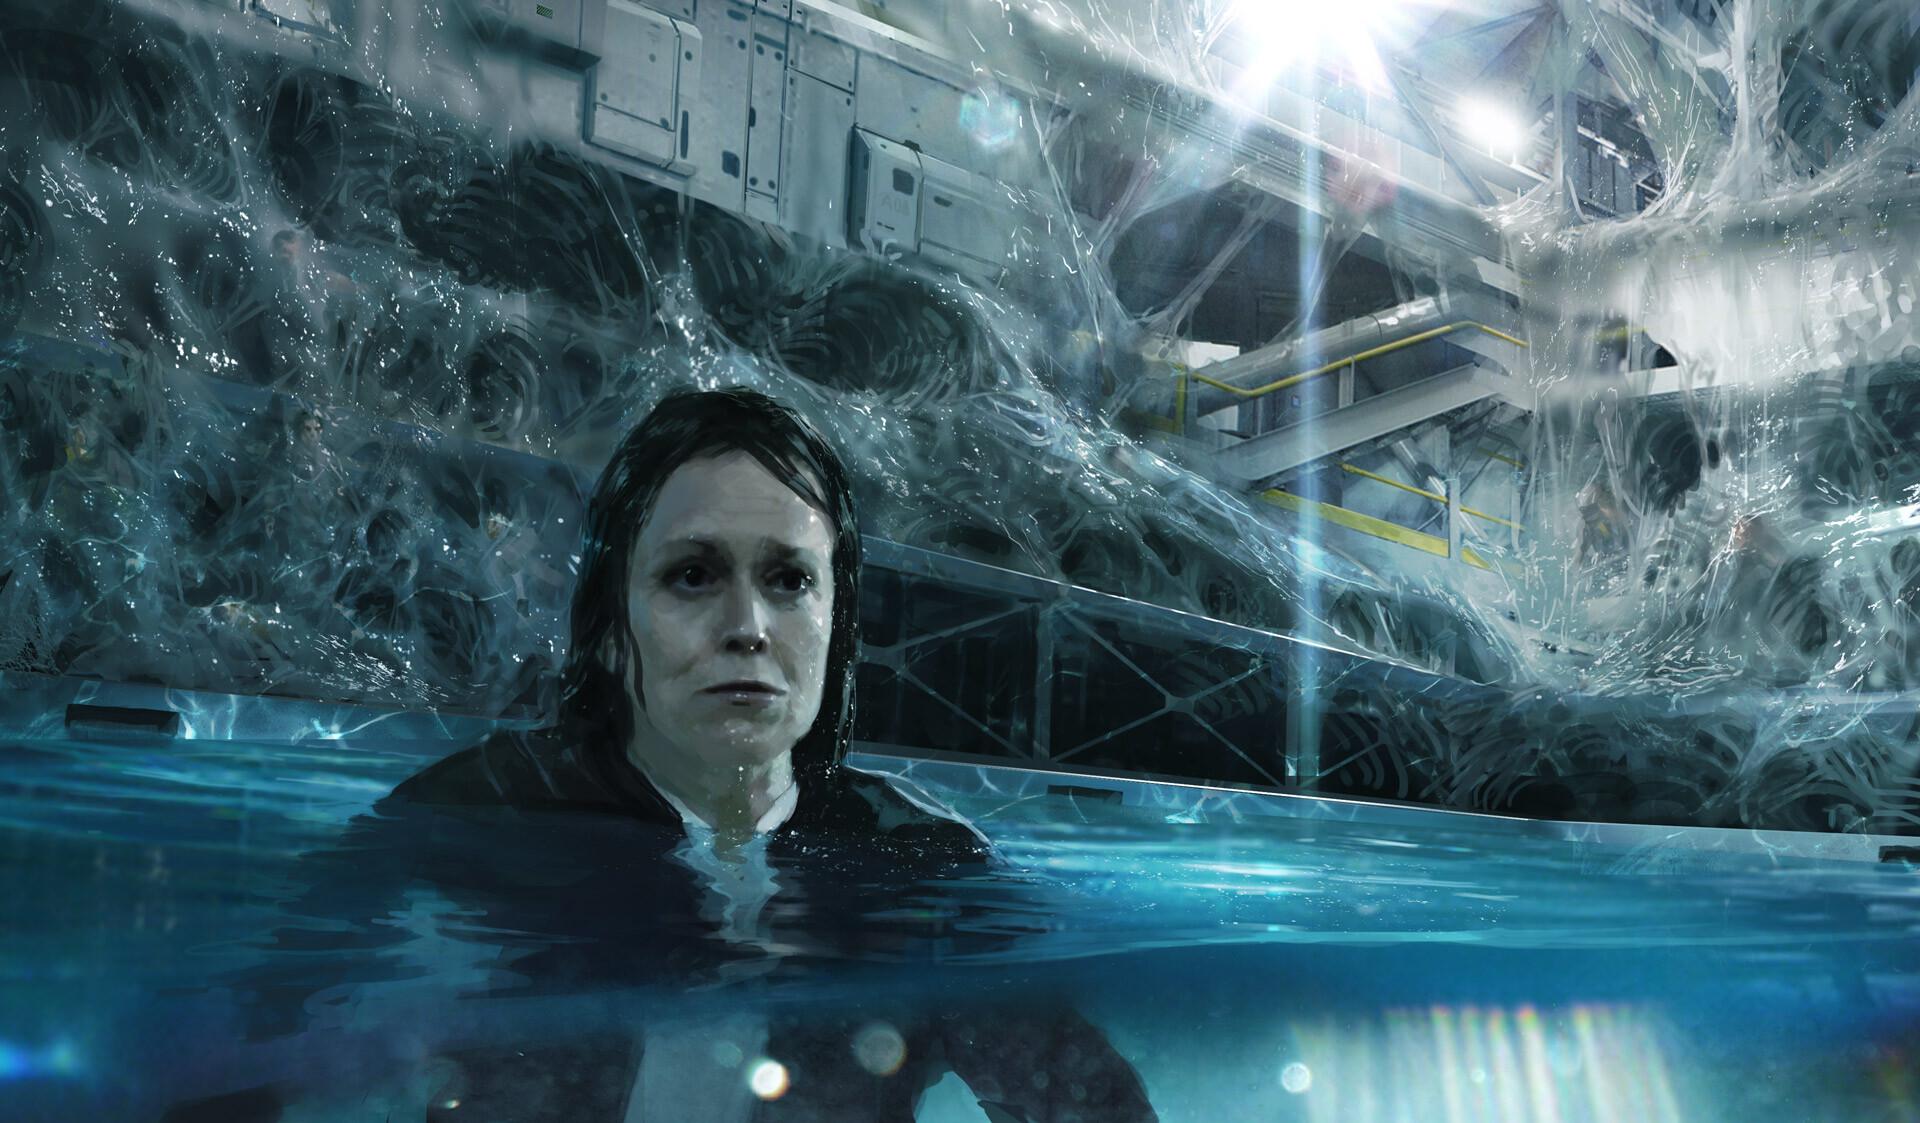 Alien 5 film concept art Blomkamp